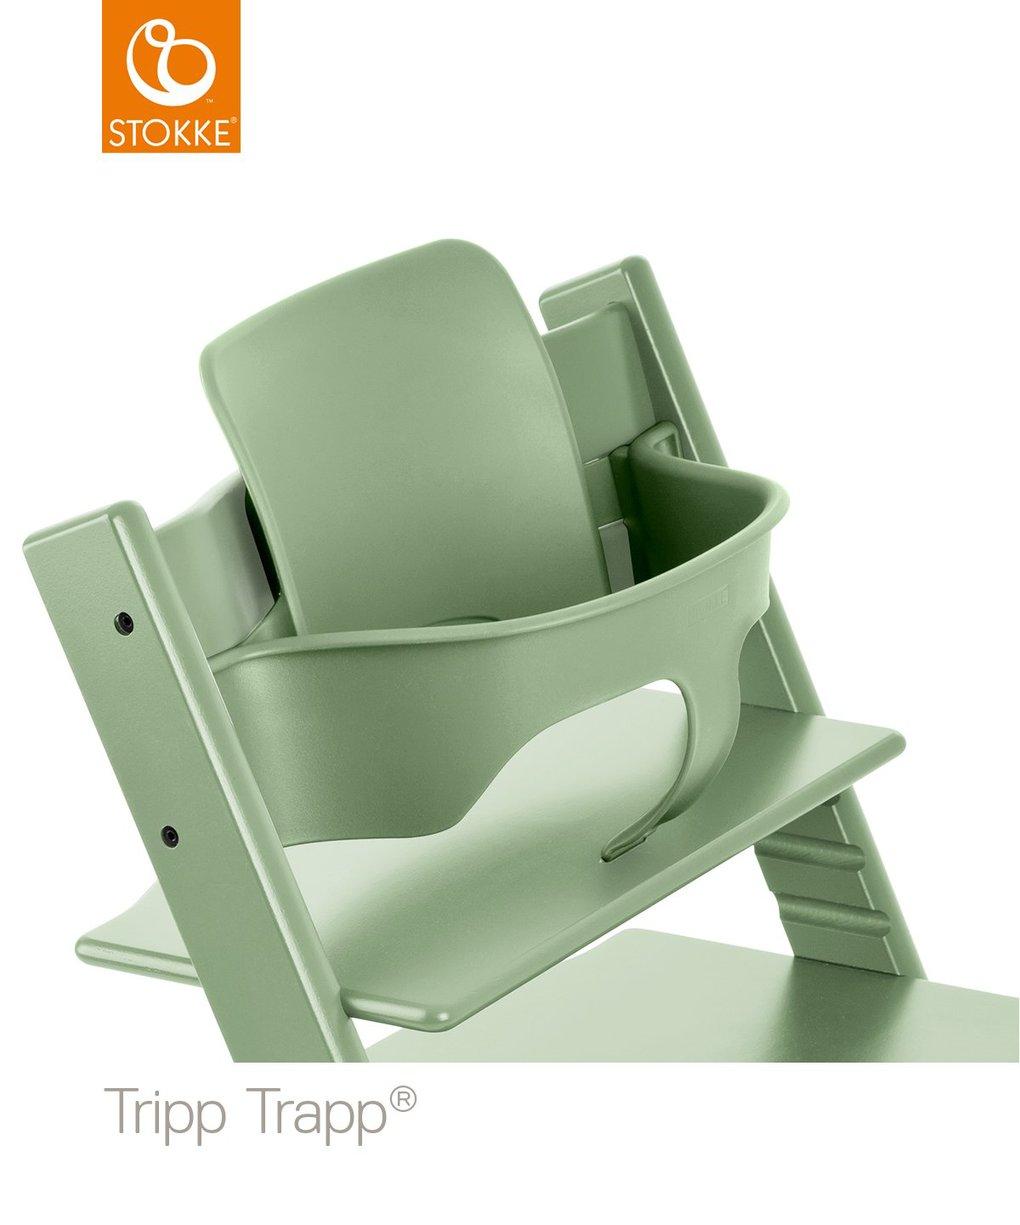 Stokke® baby set per tripp trapp® - moss green - Stokke